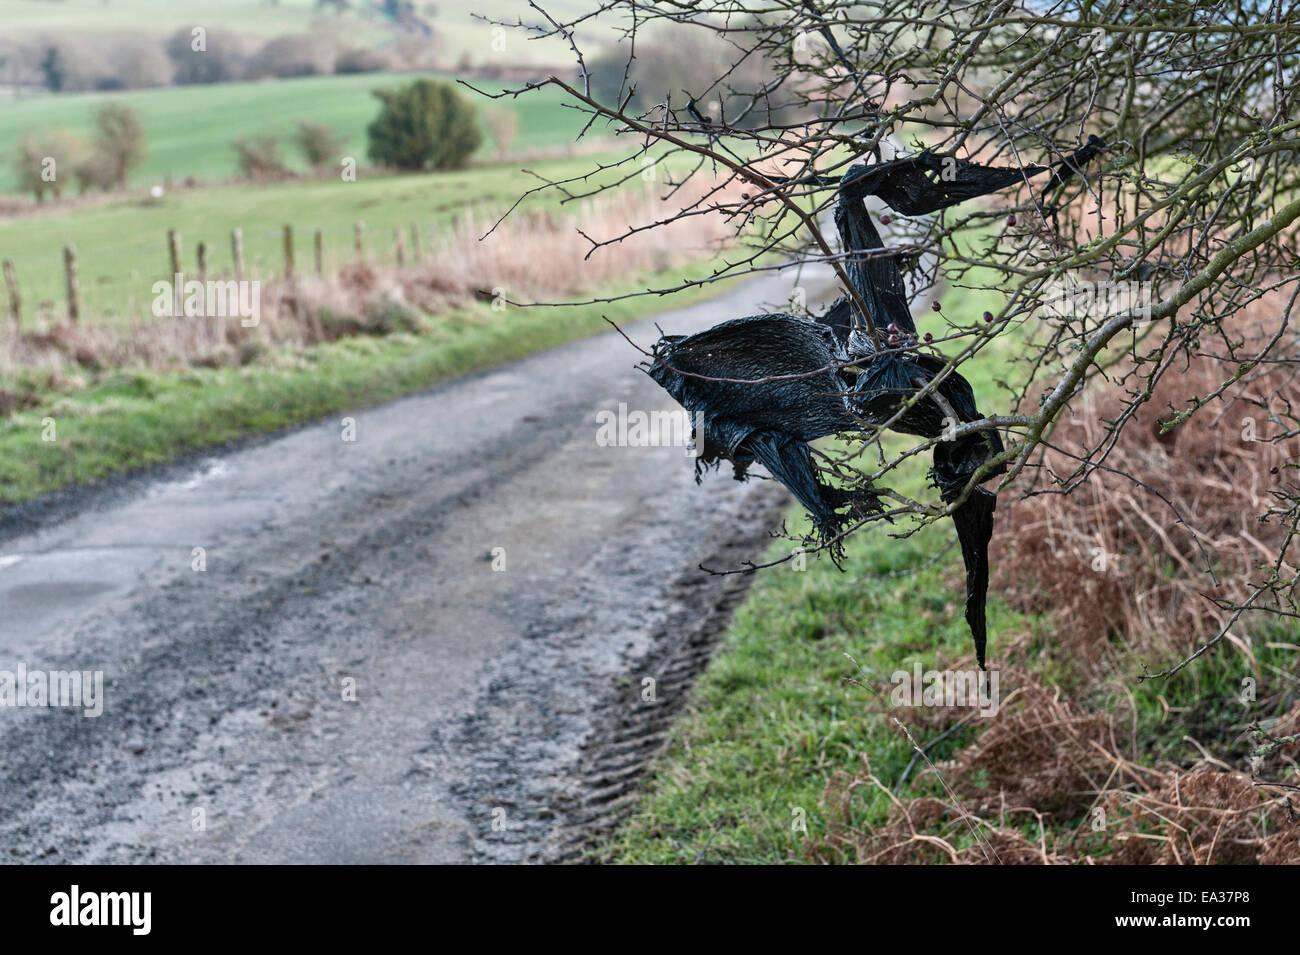 Des bâches en plastique noir - danseur pris dans une haie, Pays de Galles, Royaume-Uni. Photo Stock